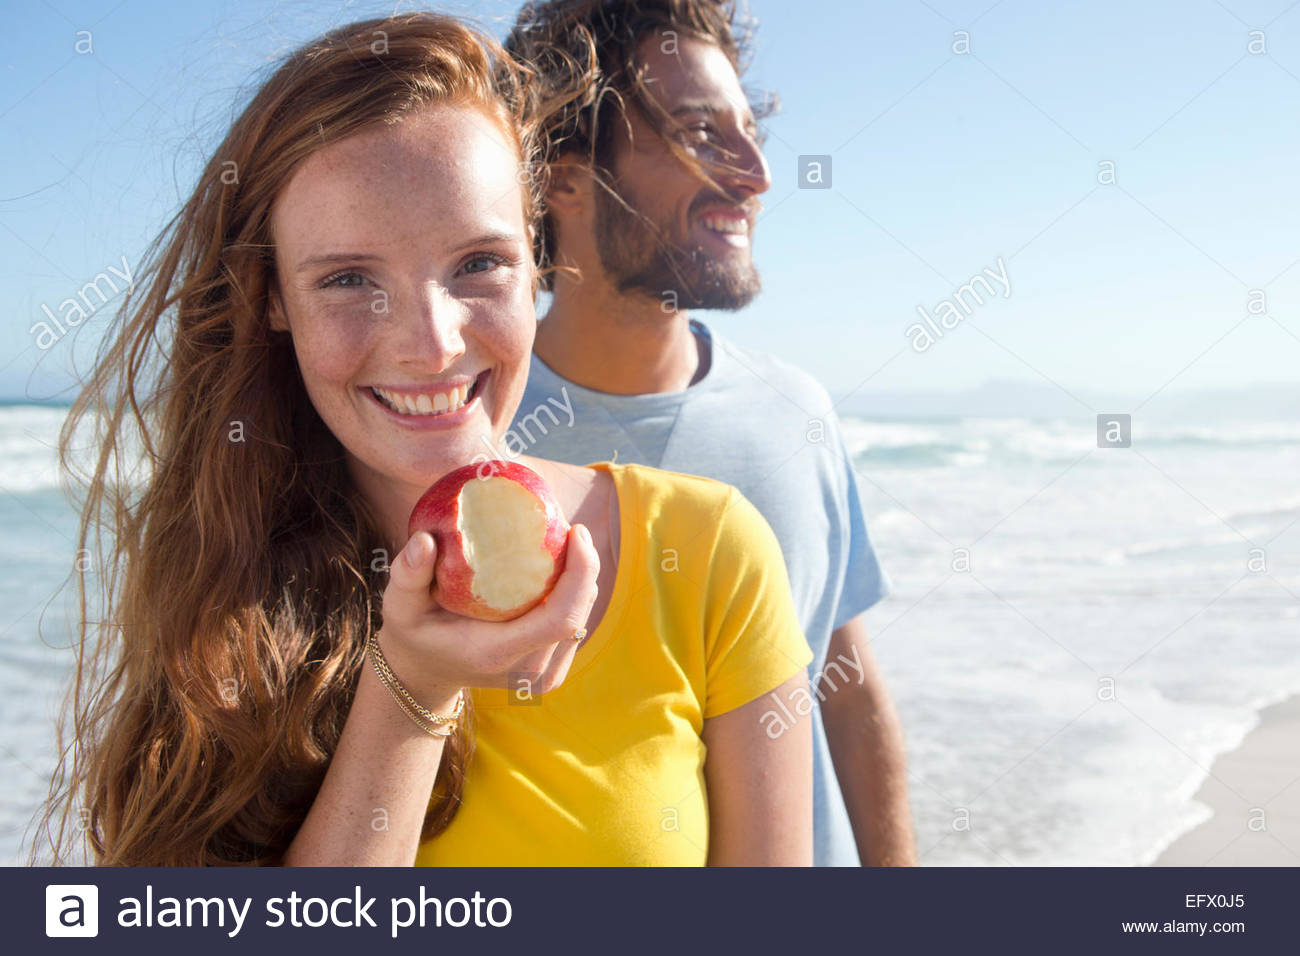 Coppia sorridente di sunny beach, con la donna in possesso di un Apple con un boccone fuori di essa Immagini Stock